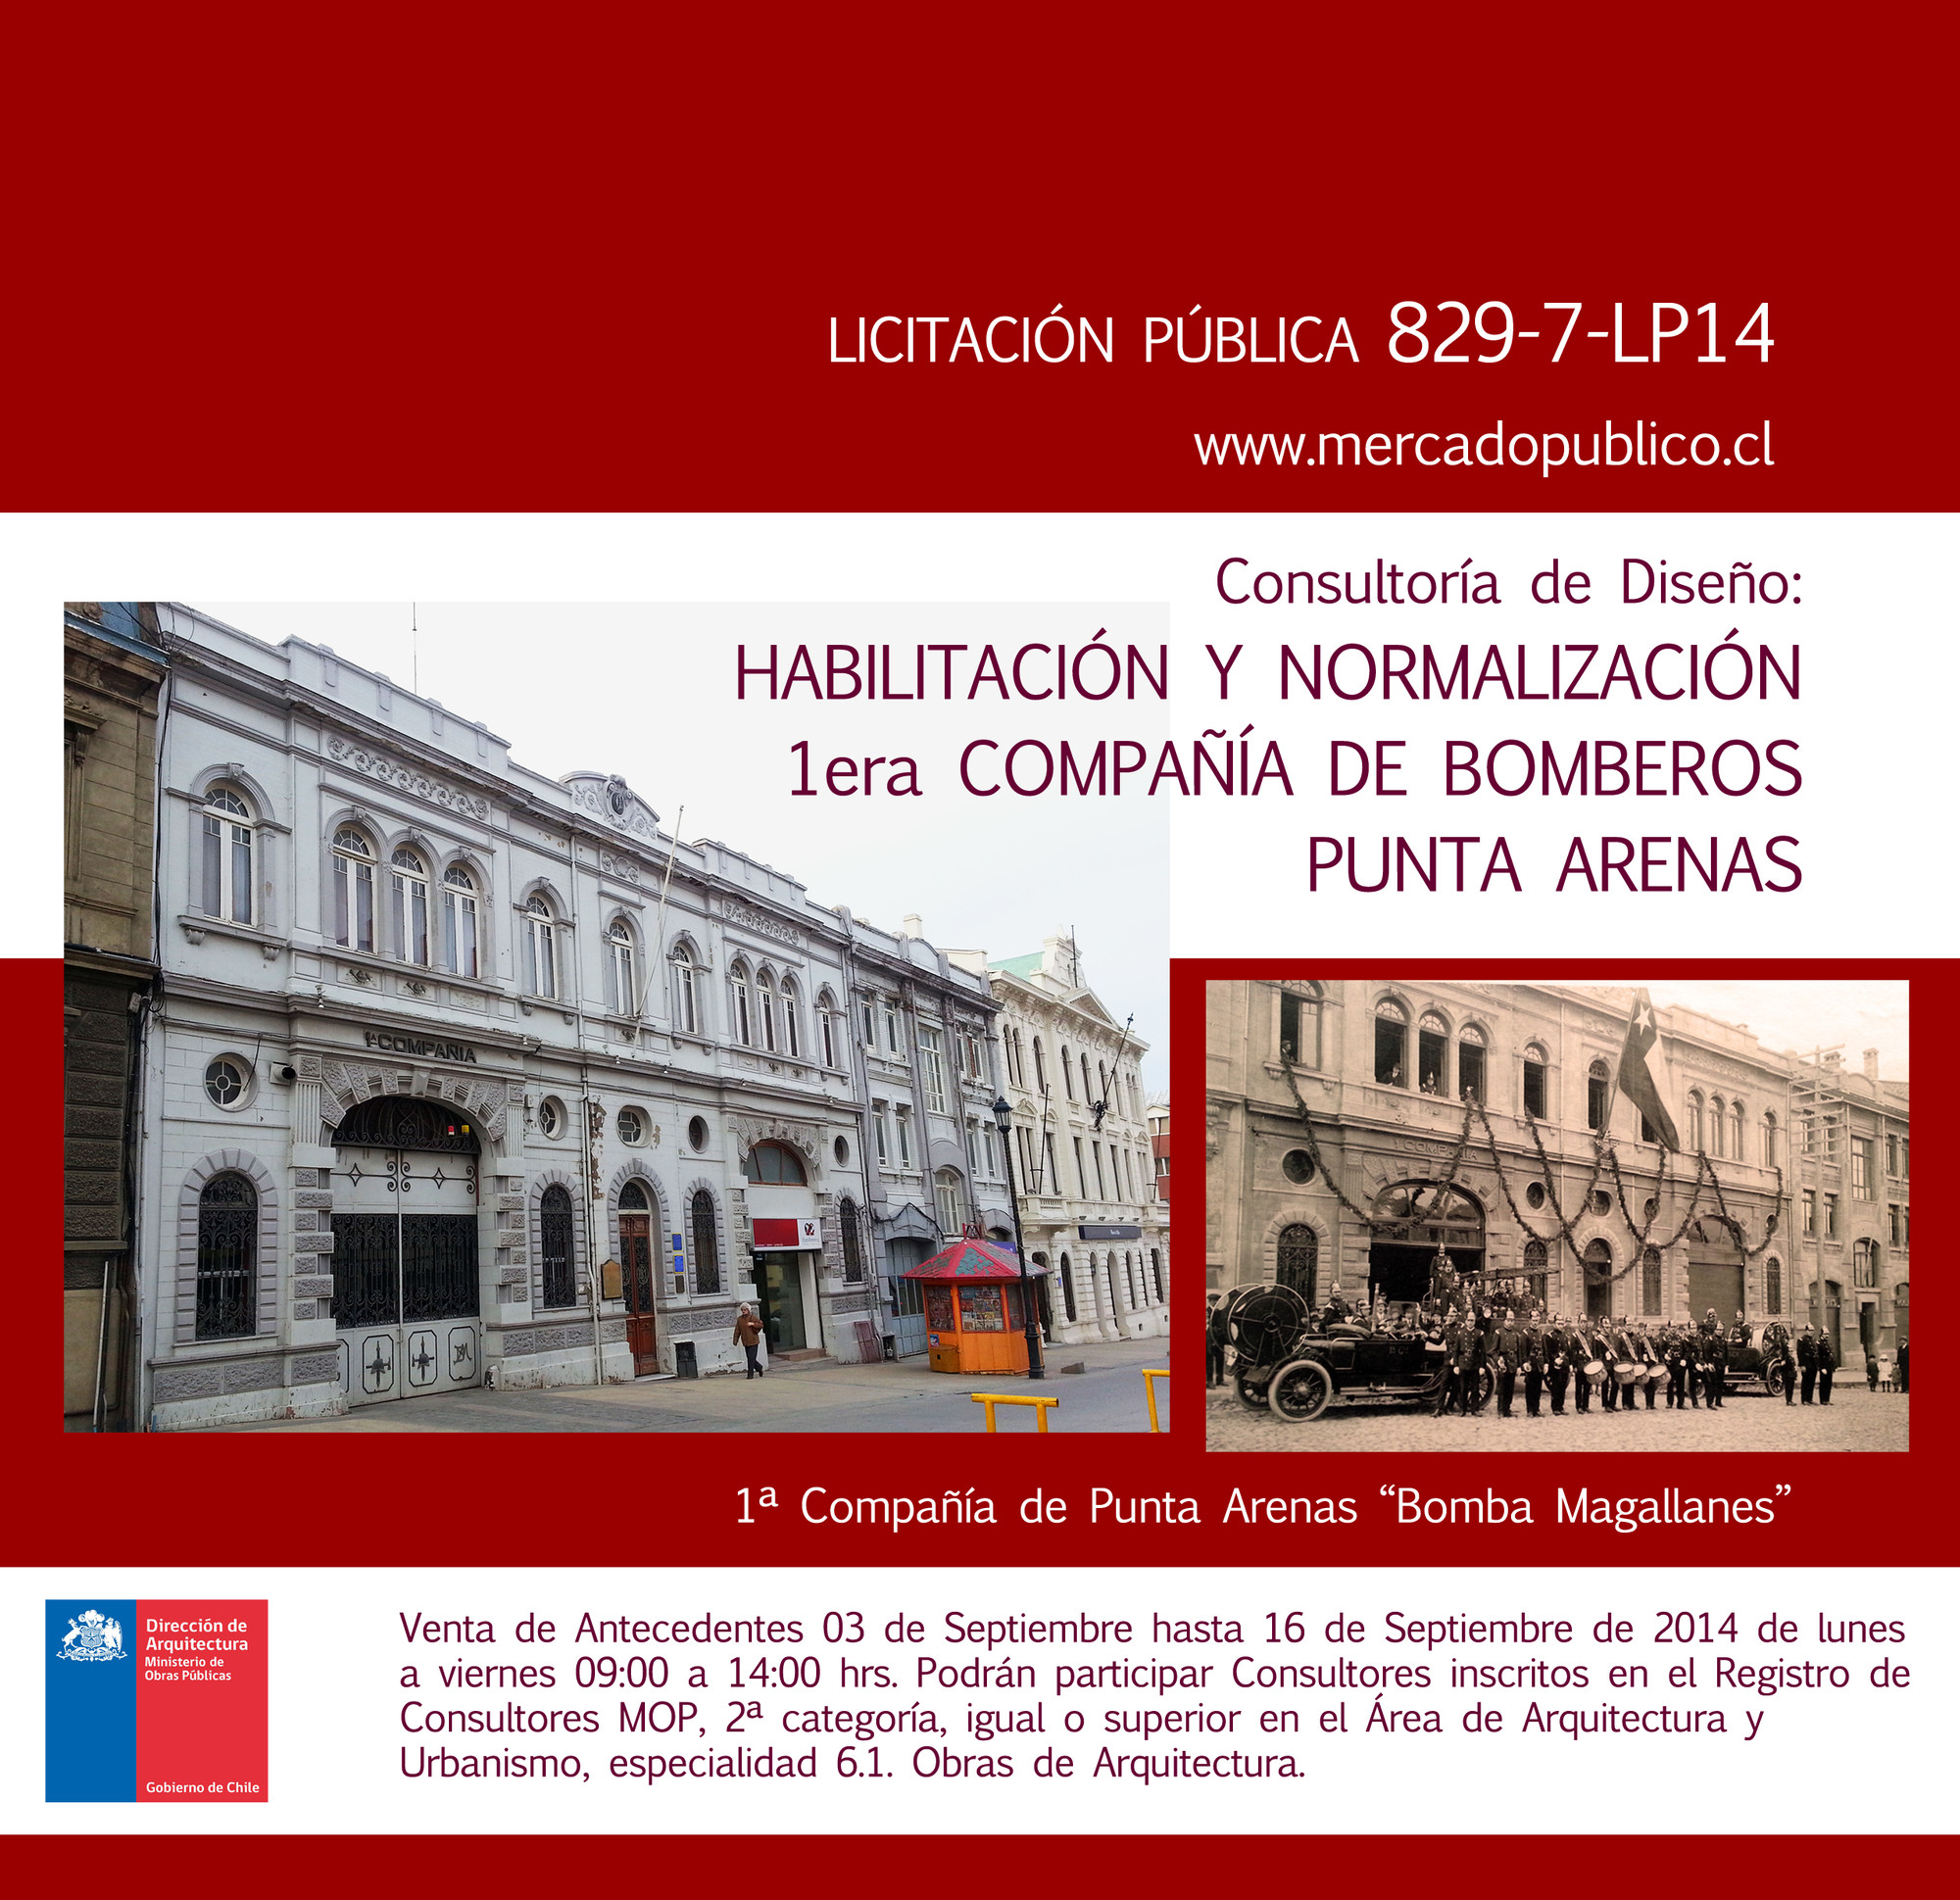 Licitación de diseño para Habilitación y Normalización Primera Compañía de Bomberos / Punta Arenas